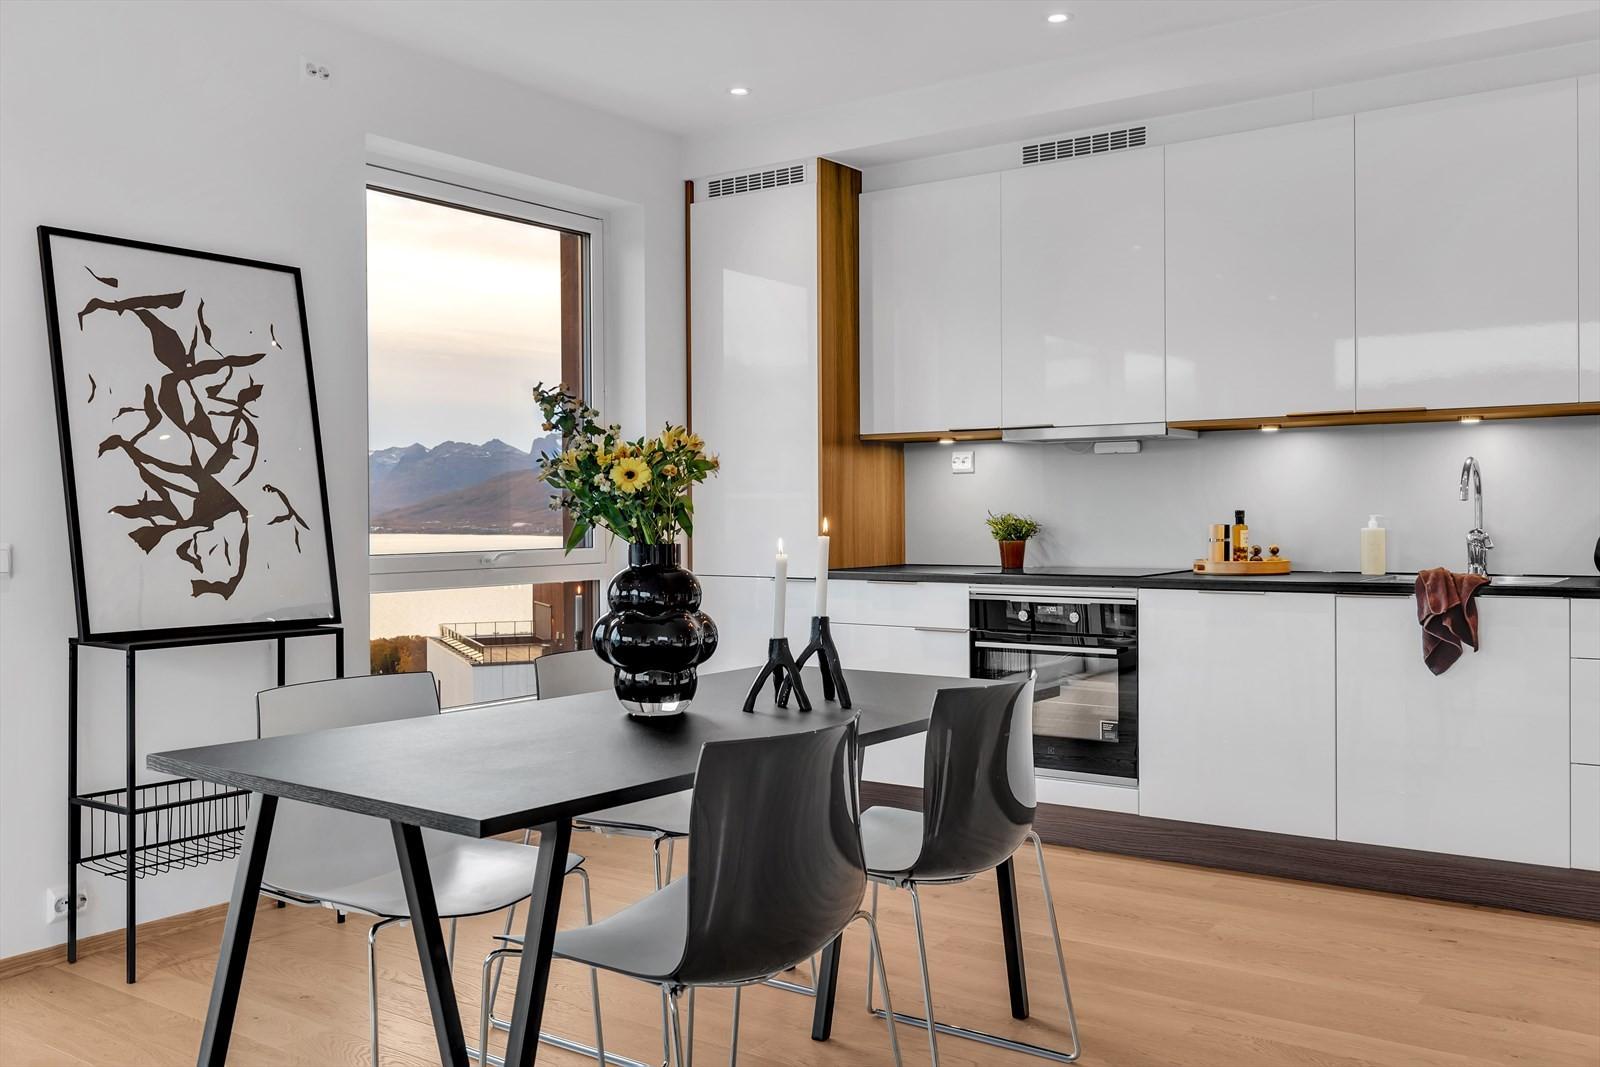 Kjøkkeninnredning i hvit høyglans med fine detaljer